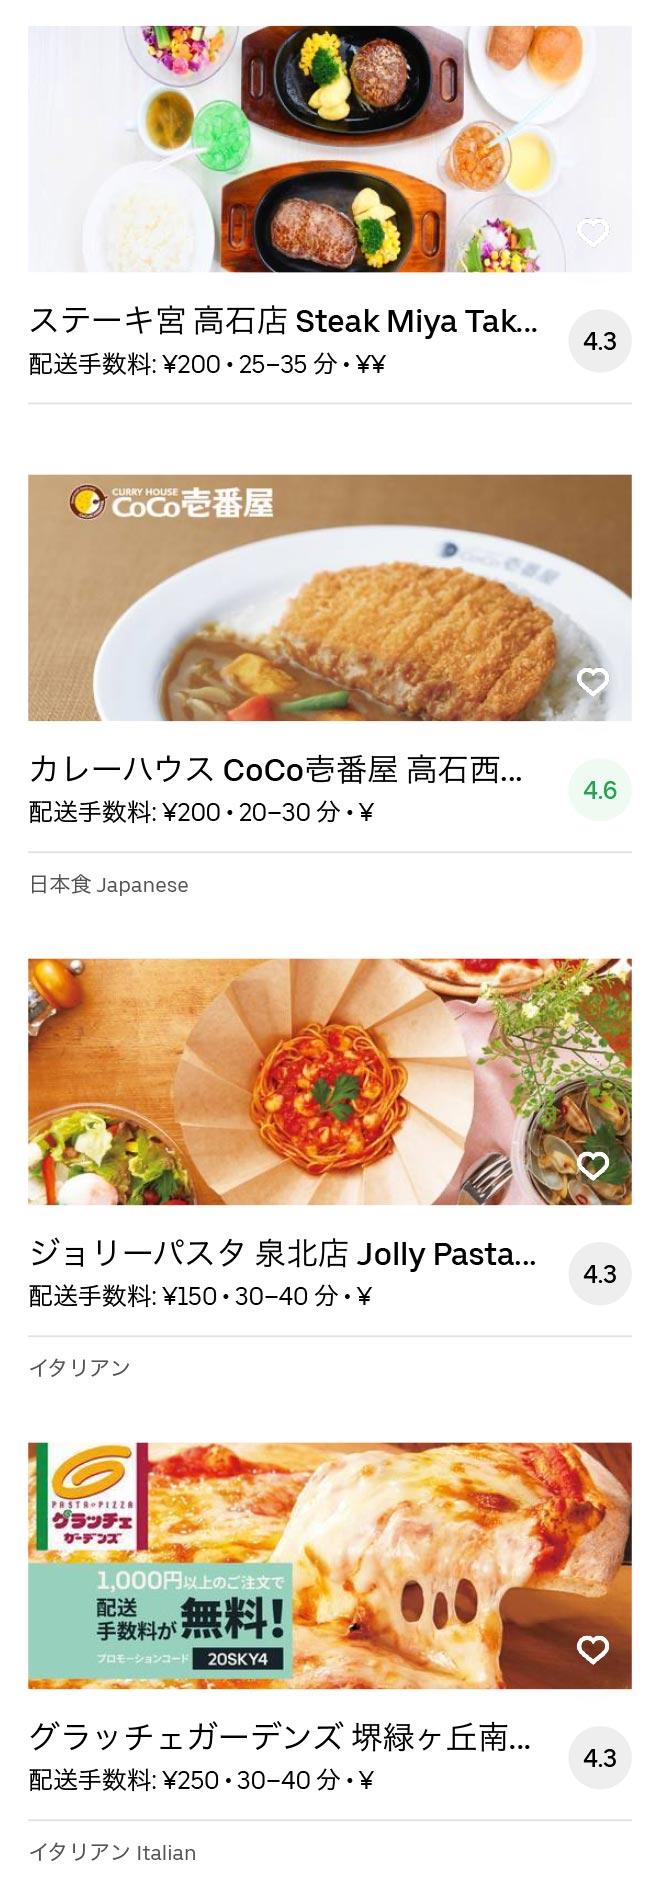 Sakai ootori menu 2005 05